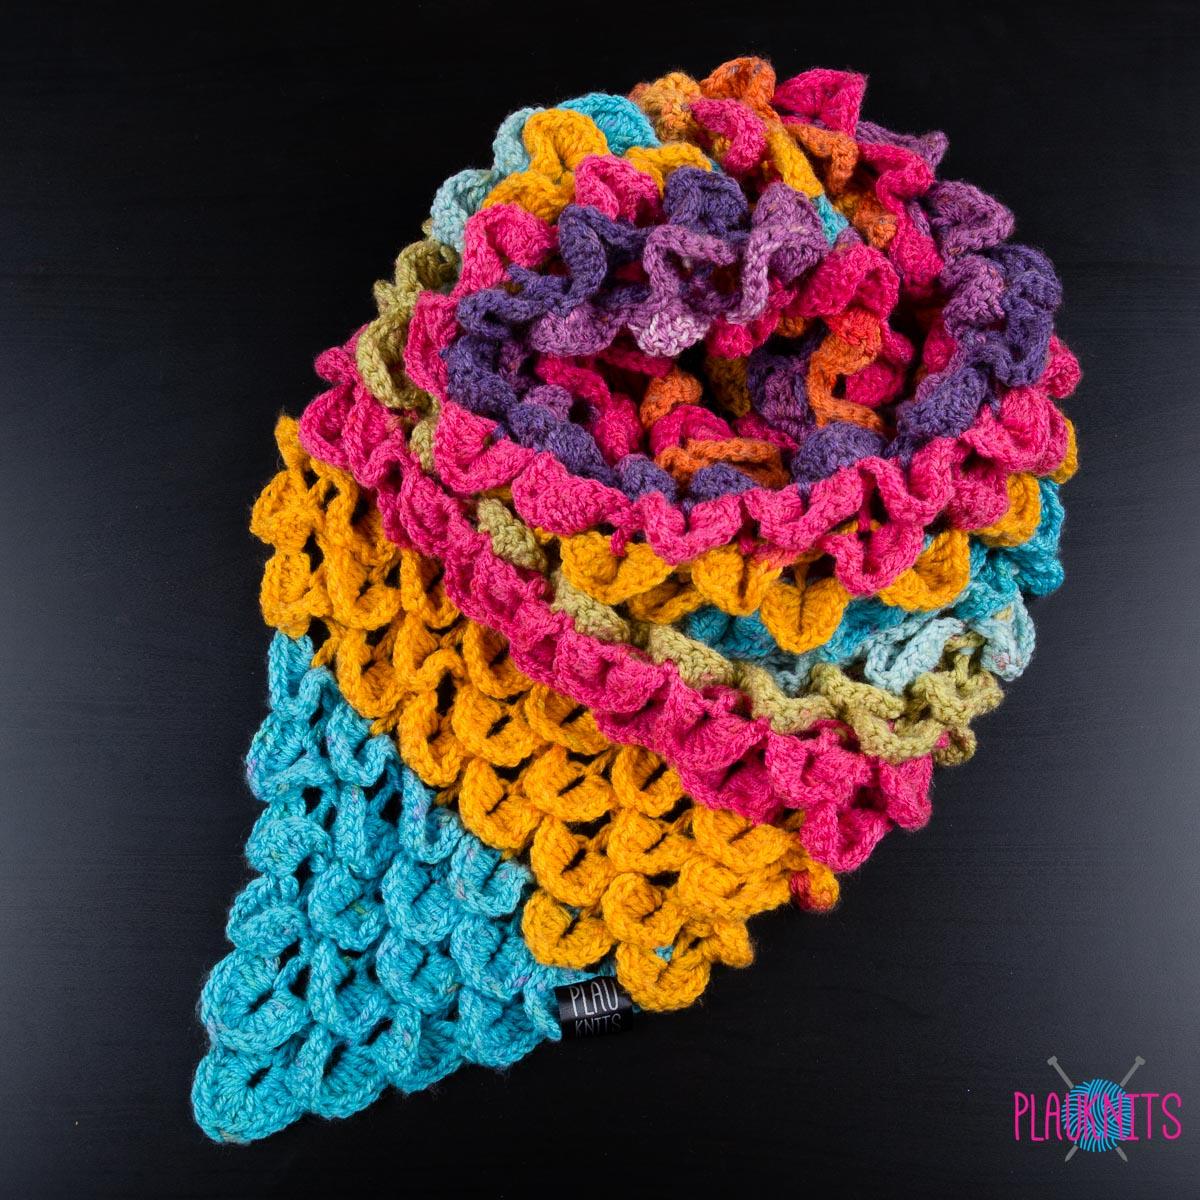 разноцветный треугольный вязаный шарф чешуйки 2 Plauknits